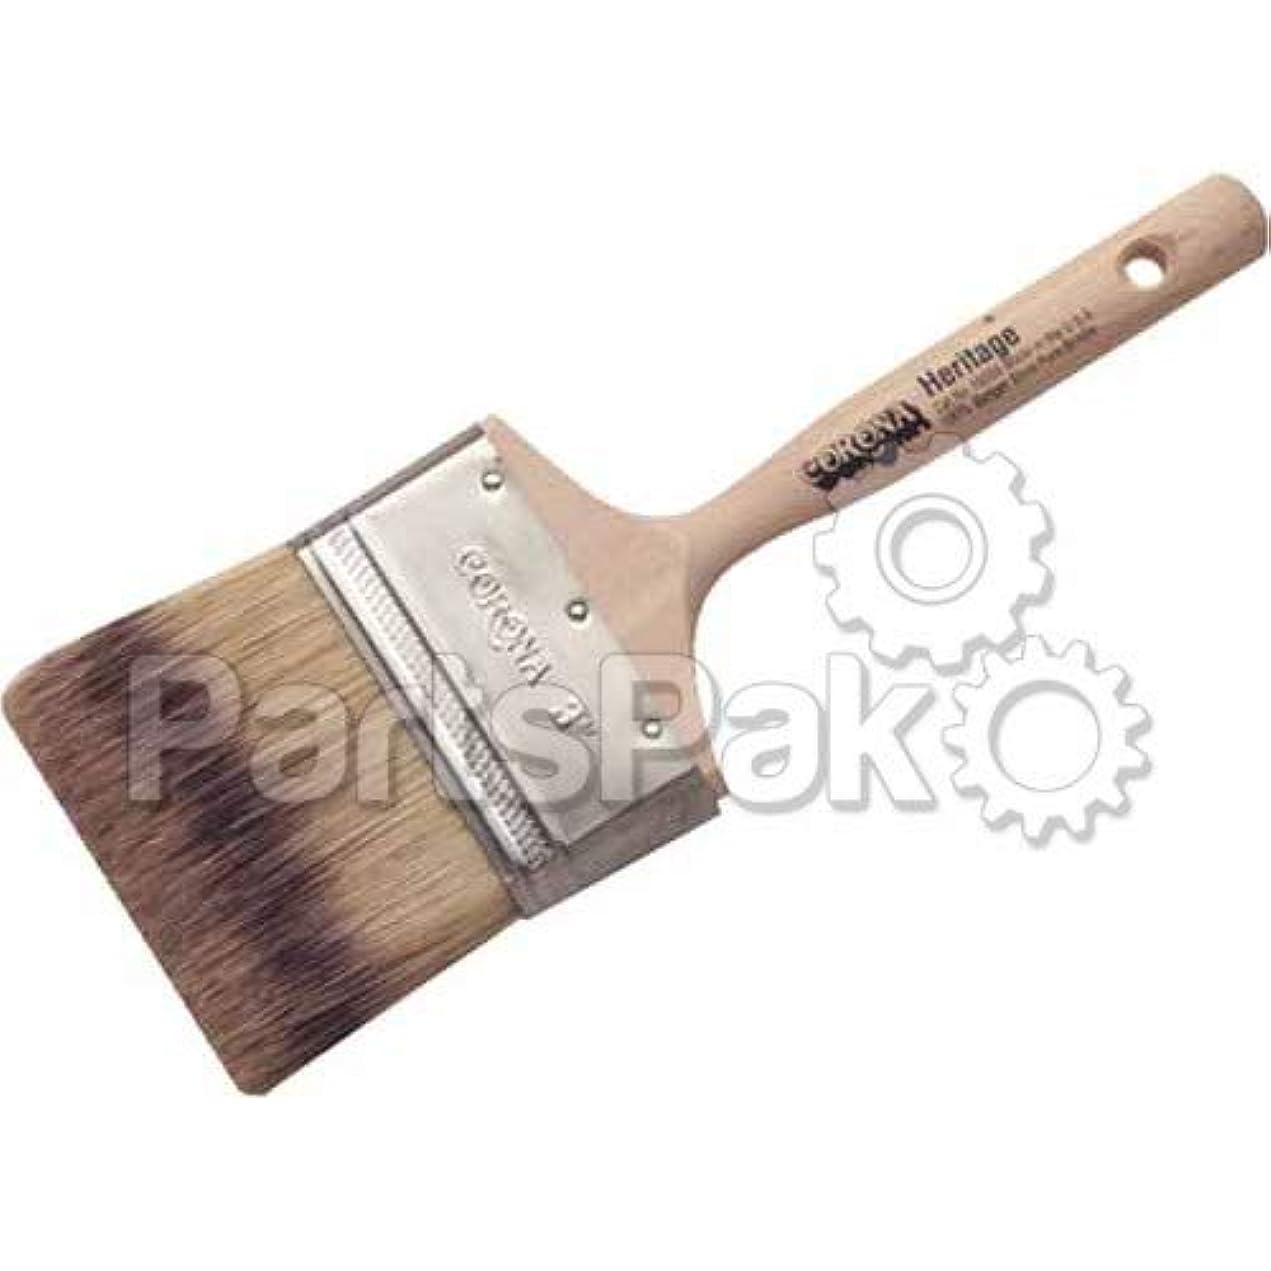 ひばり自然公園流用するCorona Brushes 160551 1インチ ヘリテージバッジャーブラシ